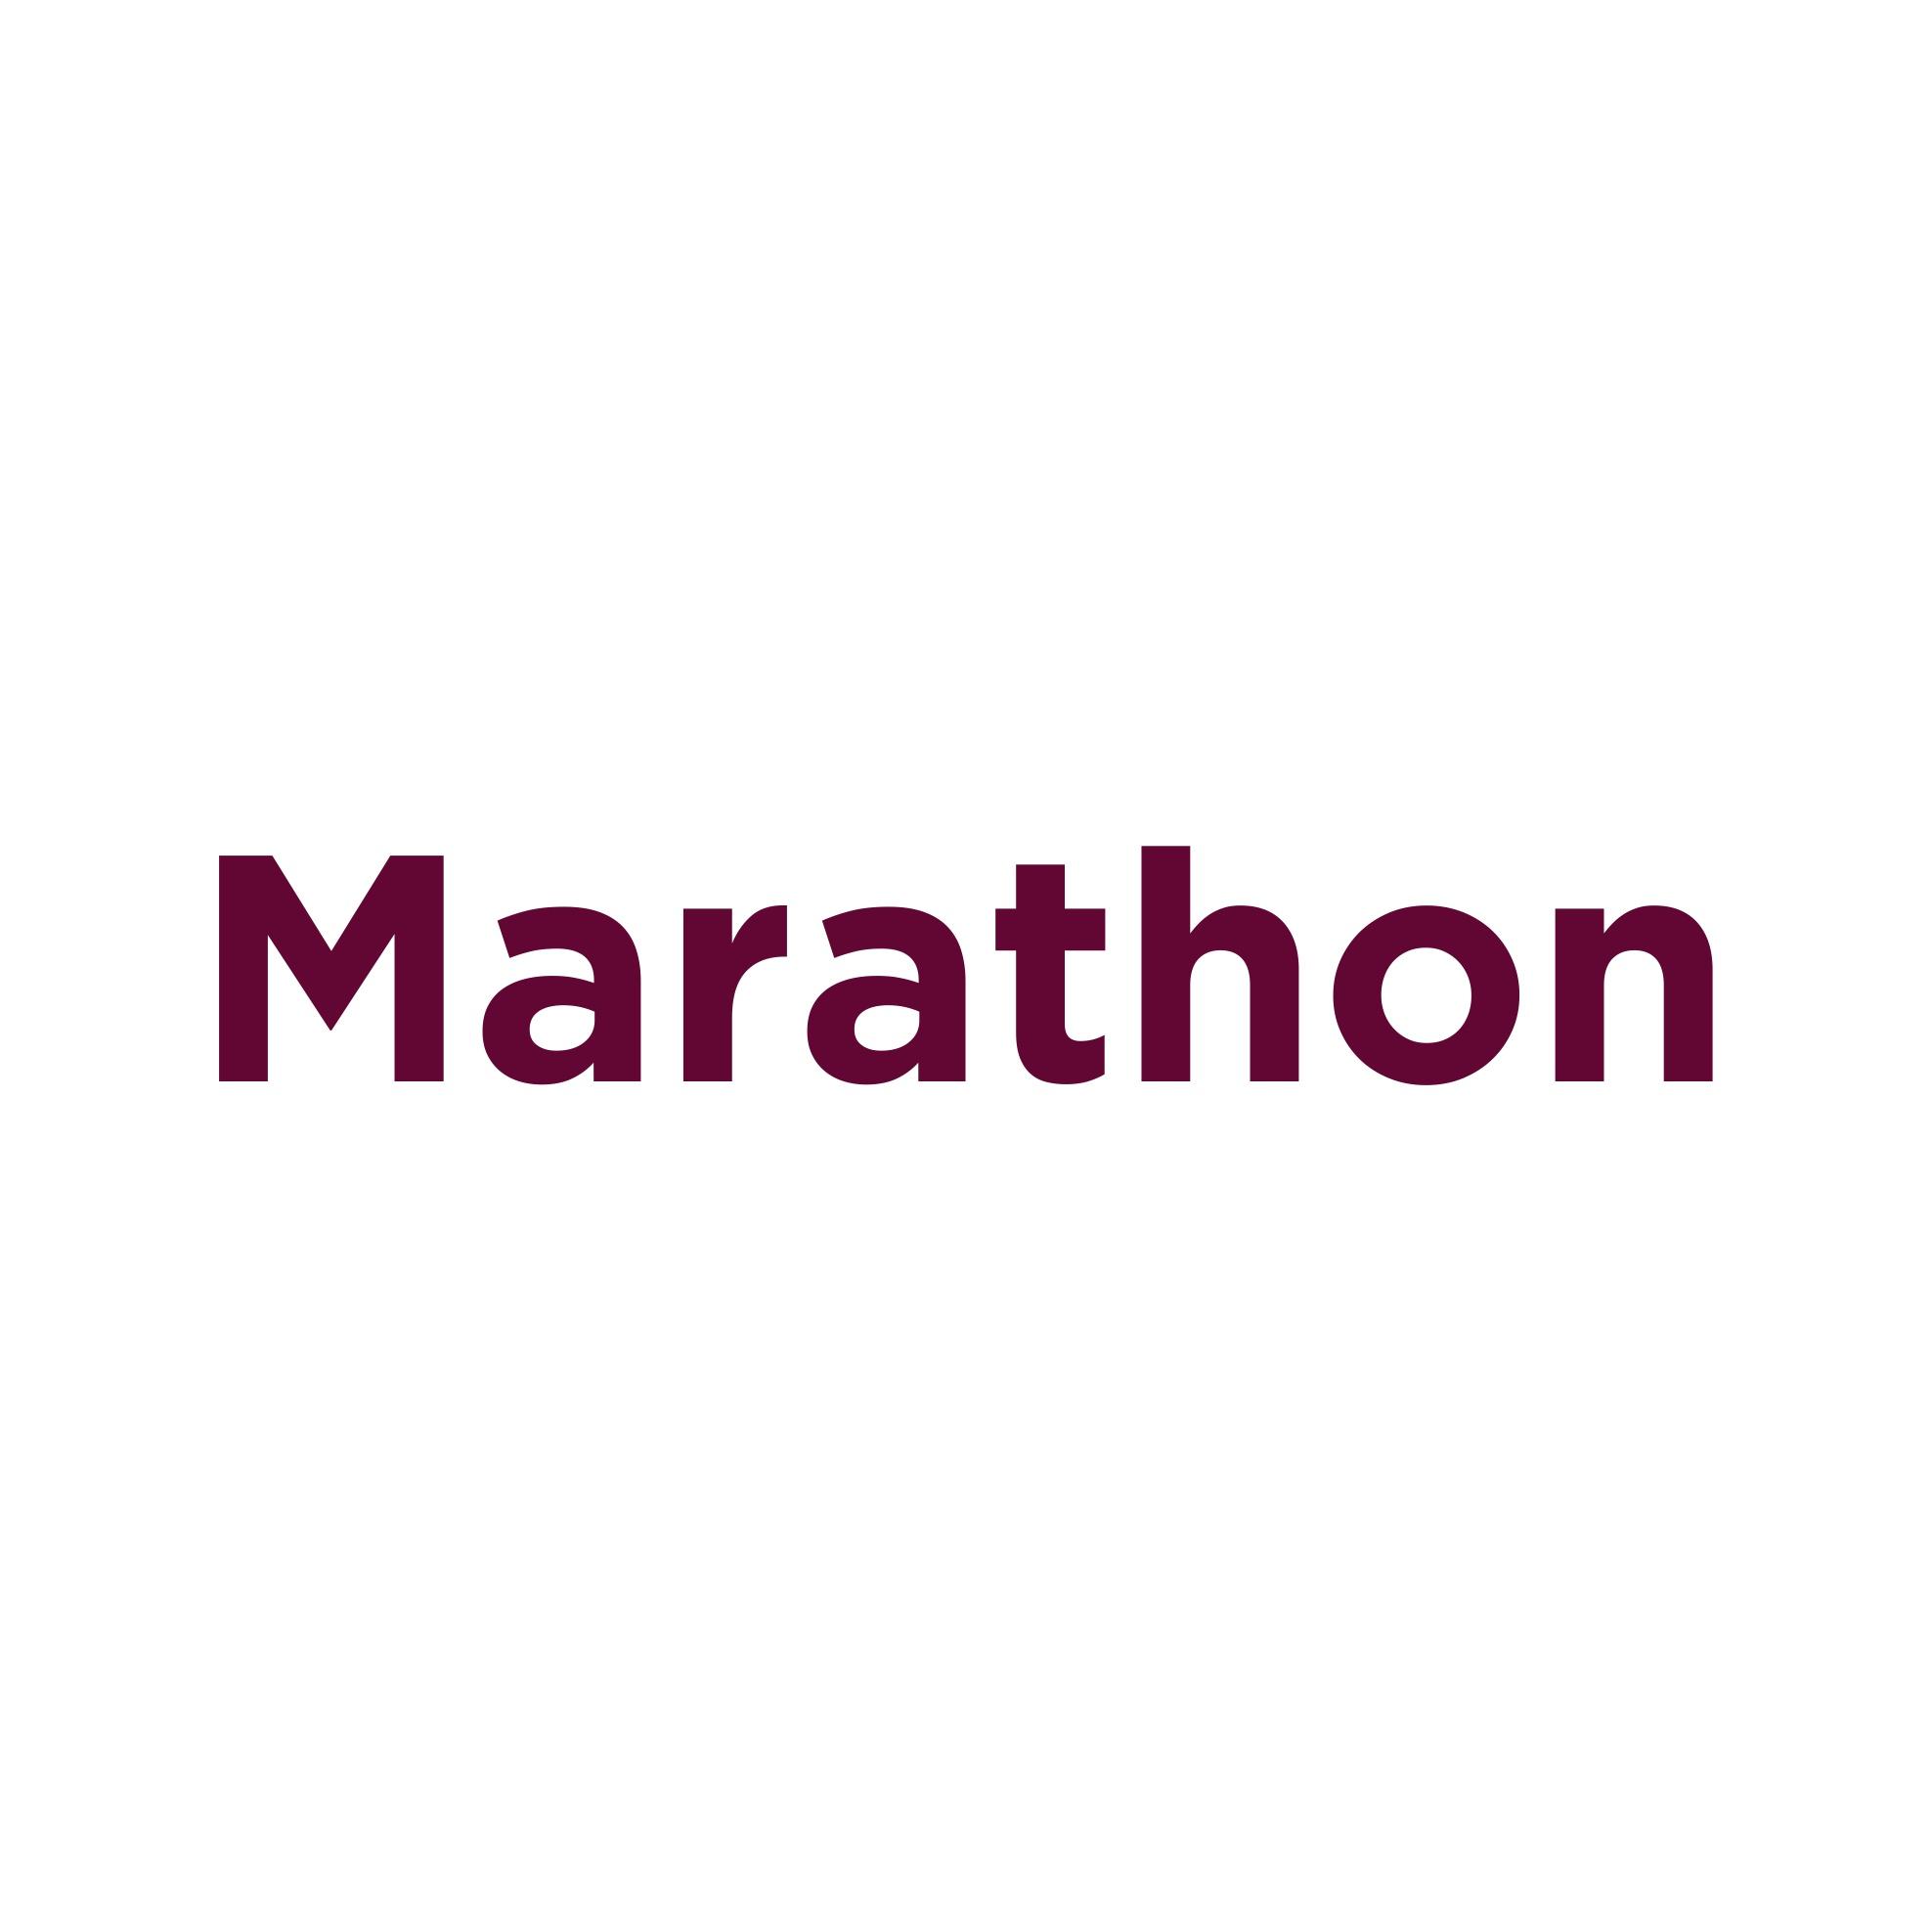 https://secureservercdn.net/45.40.150.47/08r.a40.myftpupload.com/wp-content/uploads/2020/02/Marathon.jpg